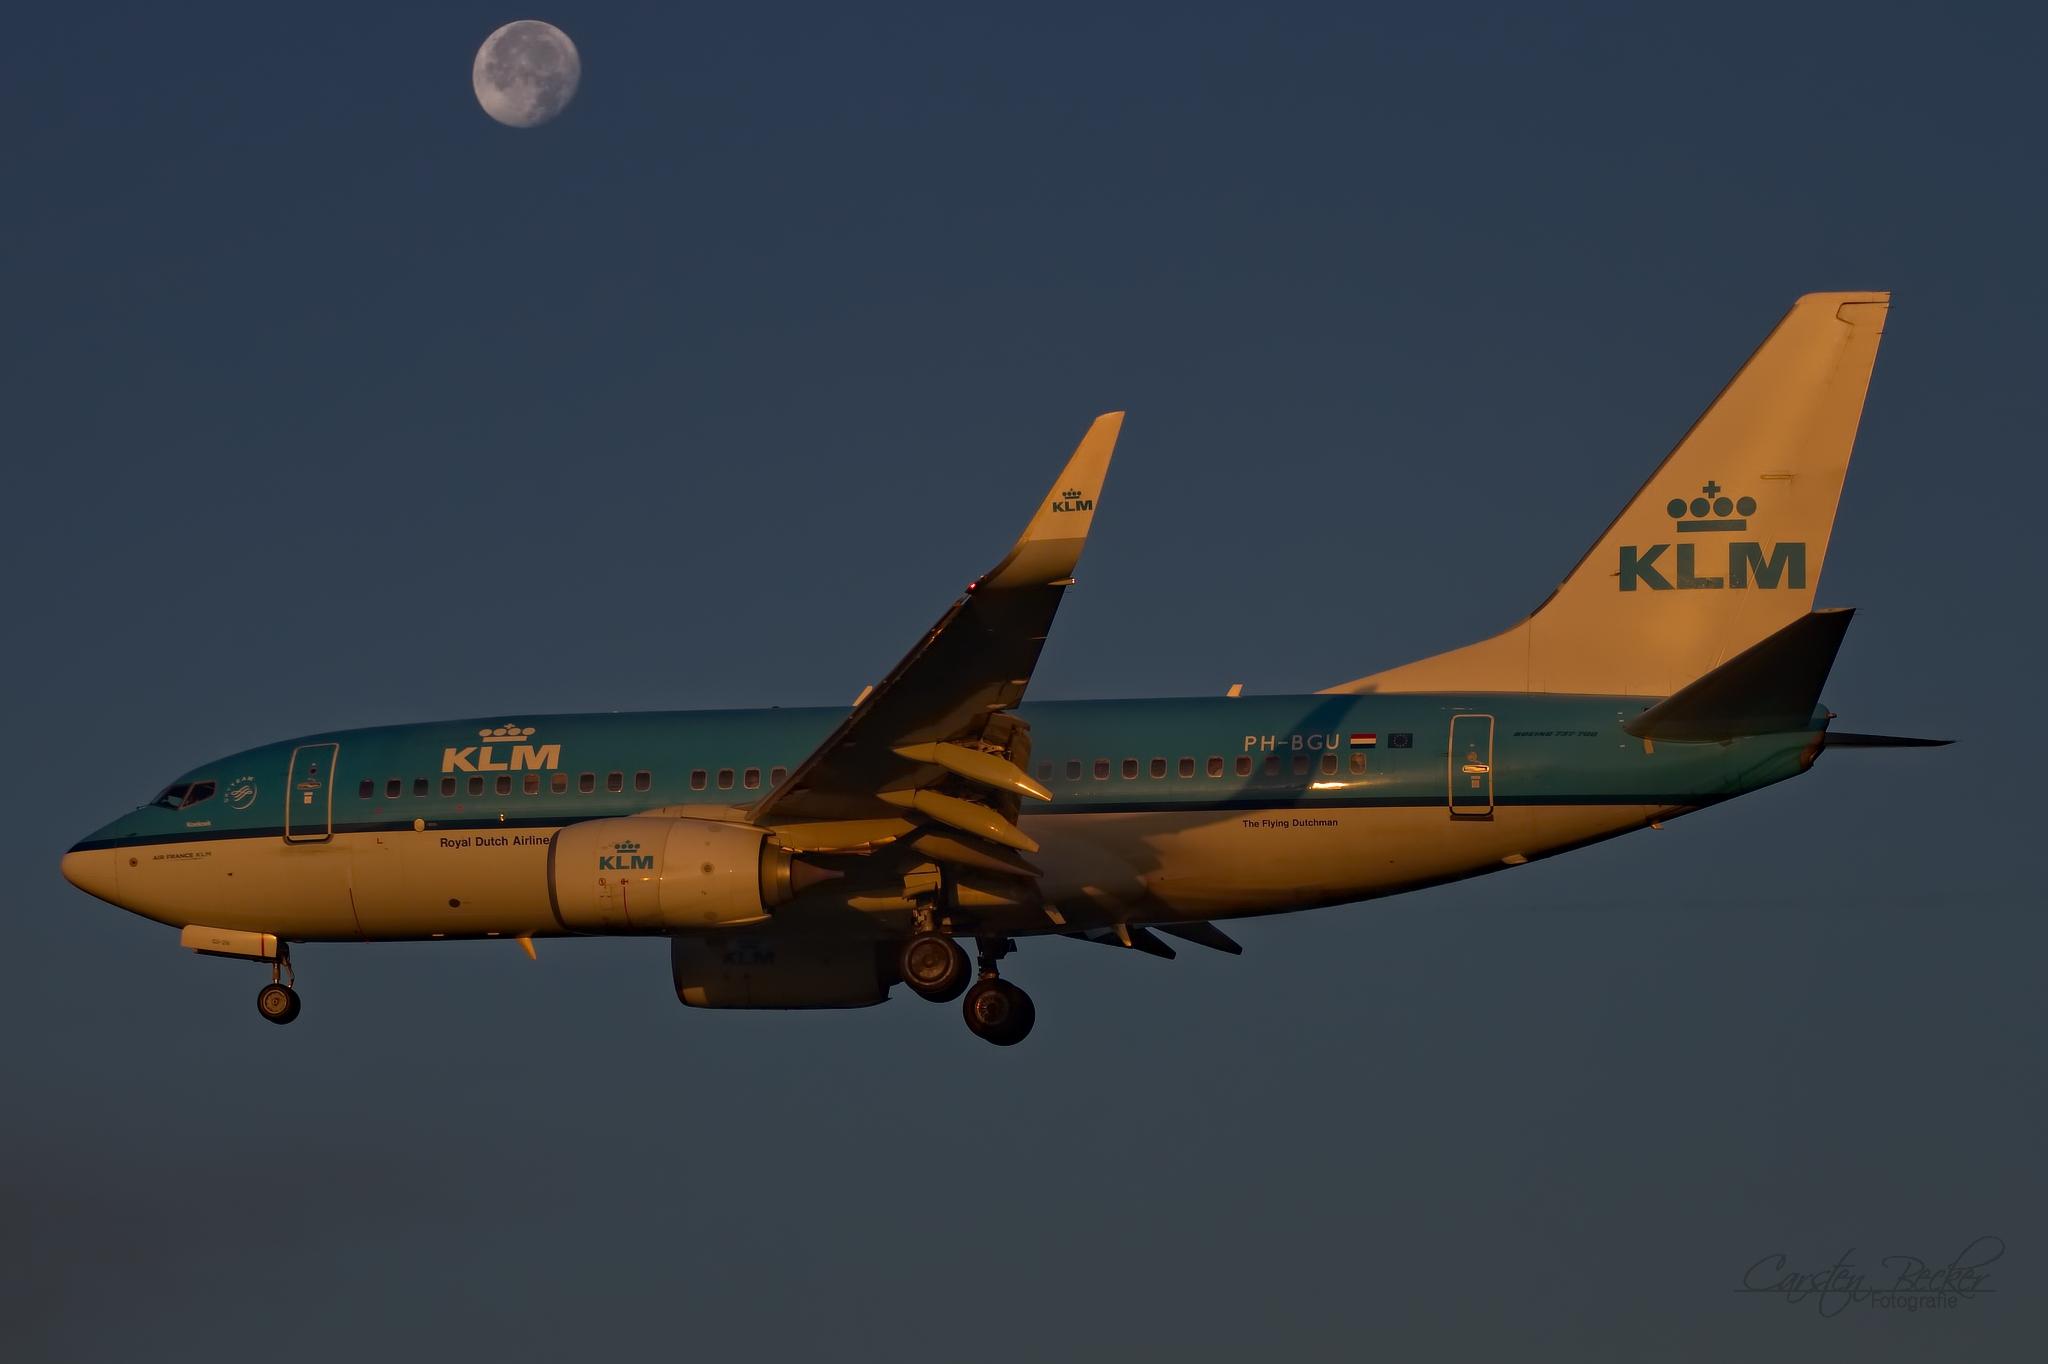 KLM B737 PH-BGU